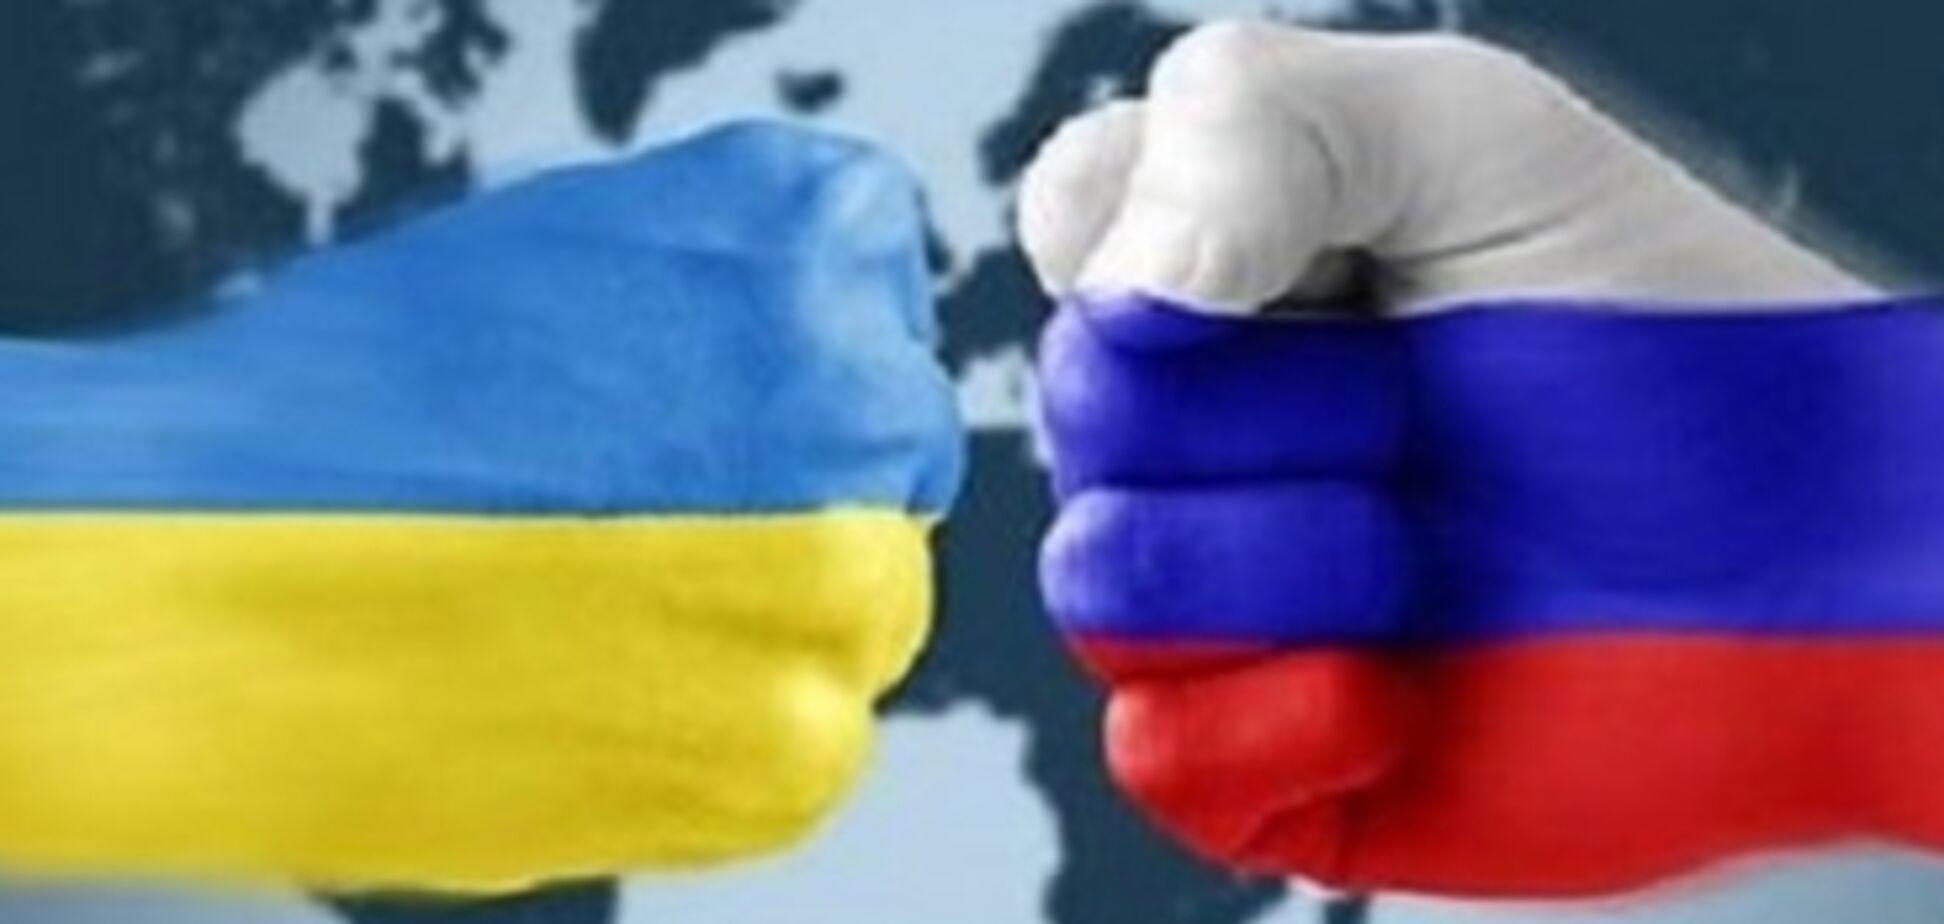 Томенко заметил, как газеты Курченко пропагандируют федерализм и отбеливают Россию